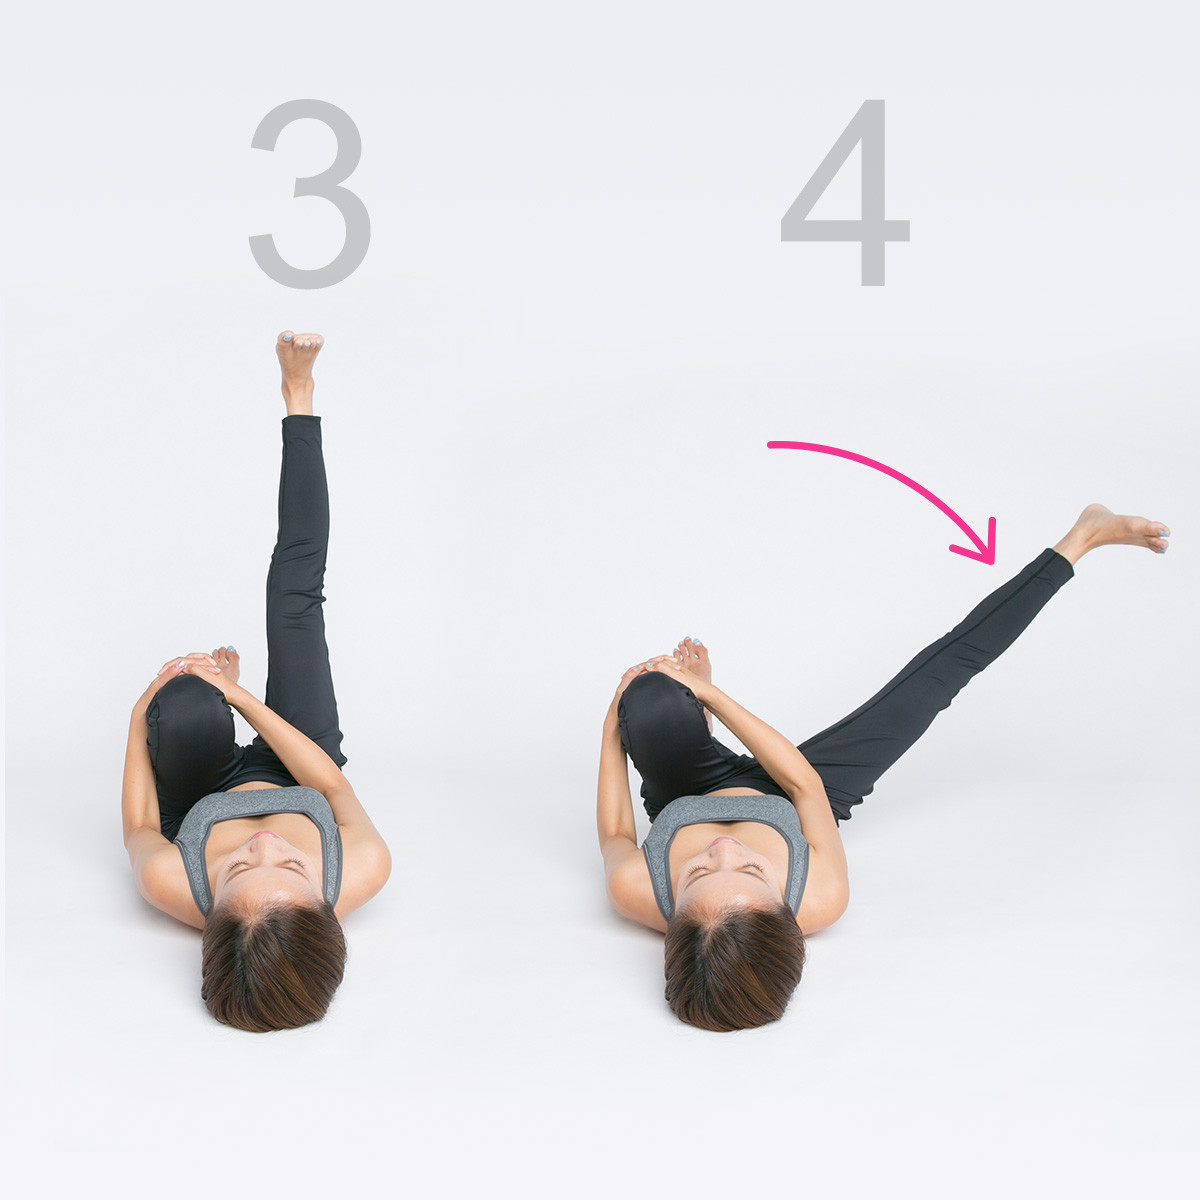 ヒップアップ、美脚にも!腸を正しい位置へ戻して筋力強化【美腸エクササイズLesson2】_1_3